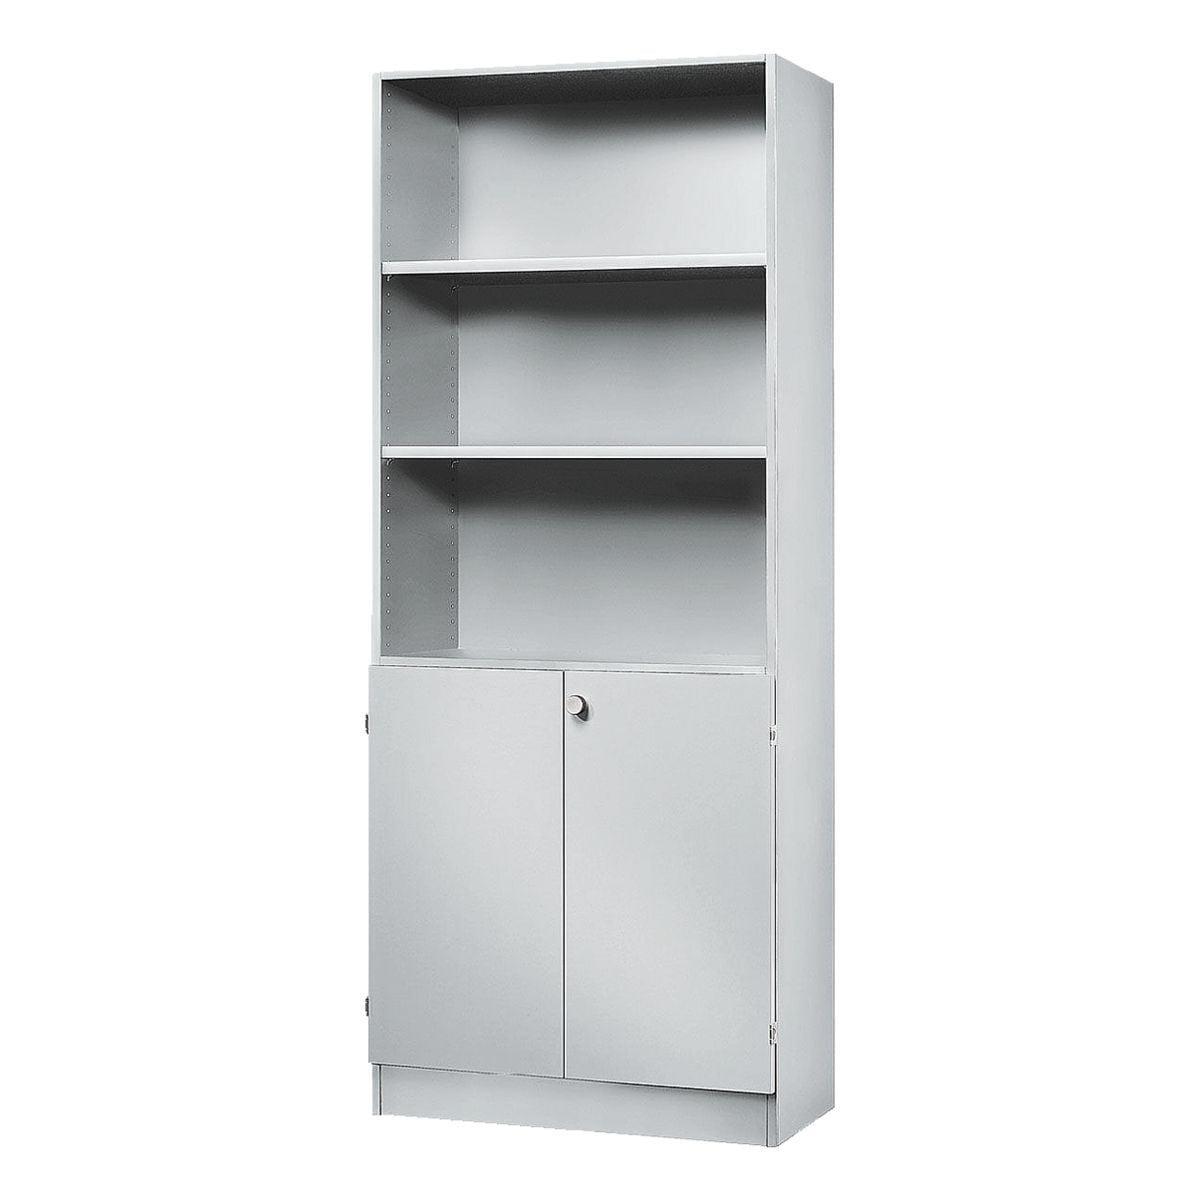 hammerbacher mehrzweckschrank q line abschlie bar bei otto office g nstig kaufen. Black Bedroom Furniture Sets. Home Design Ideas